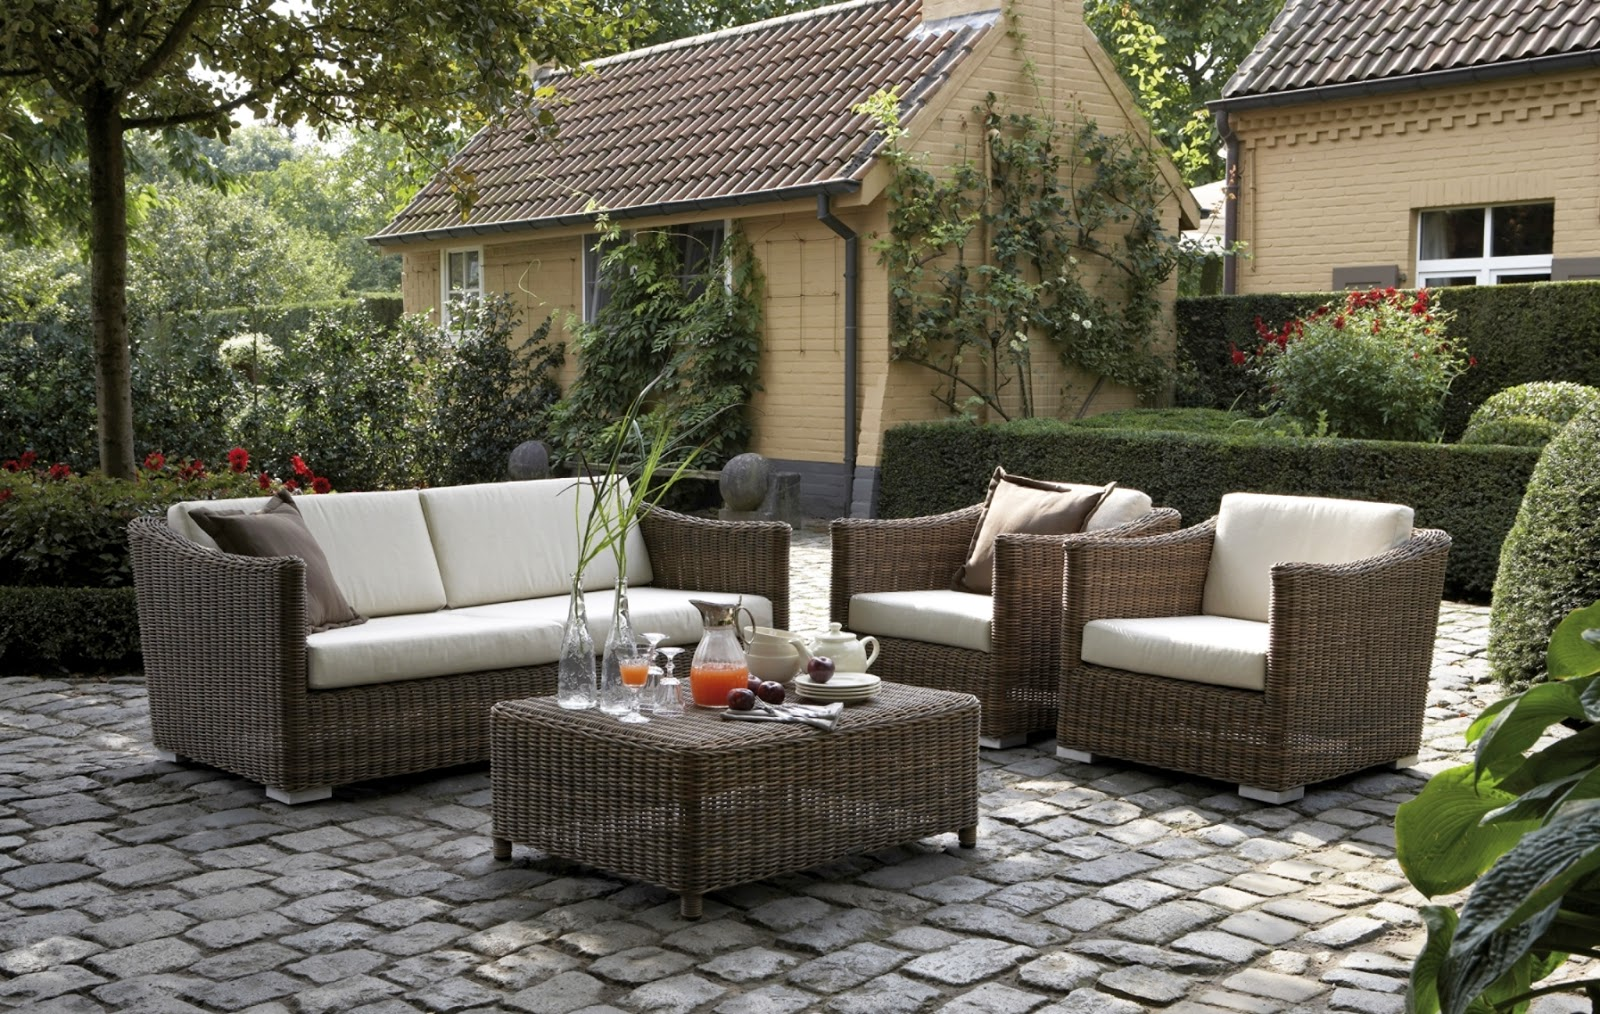 Arte y jardiner a mobiliario en dise o de jardines for Juegos de jardin rusticos